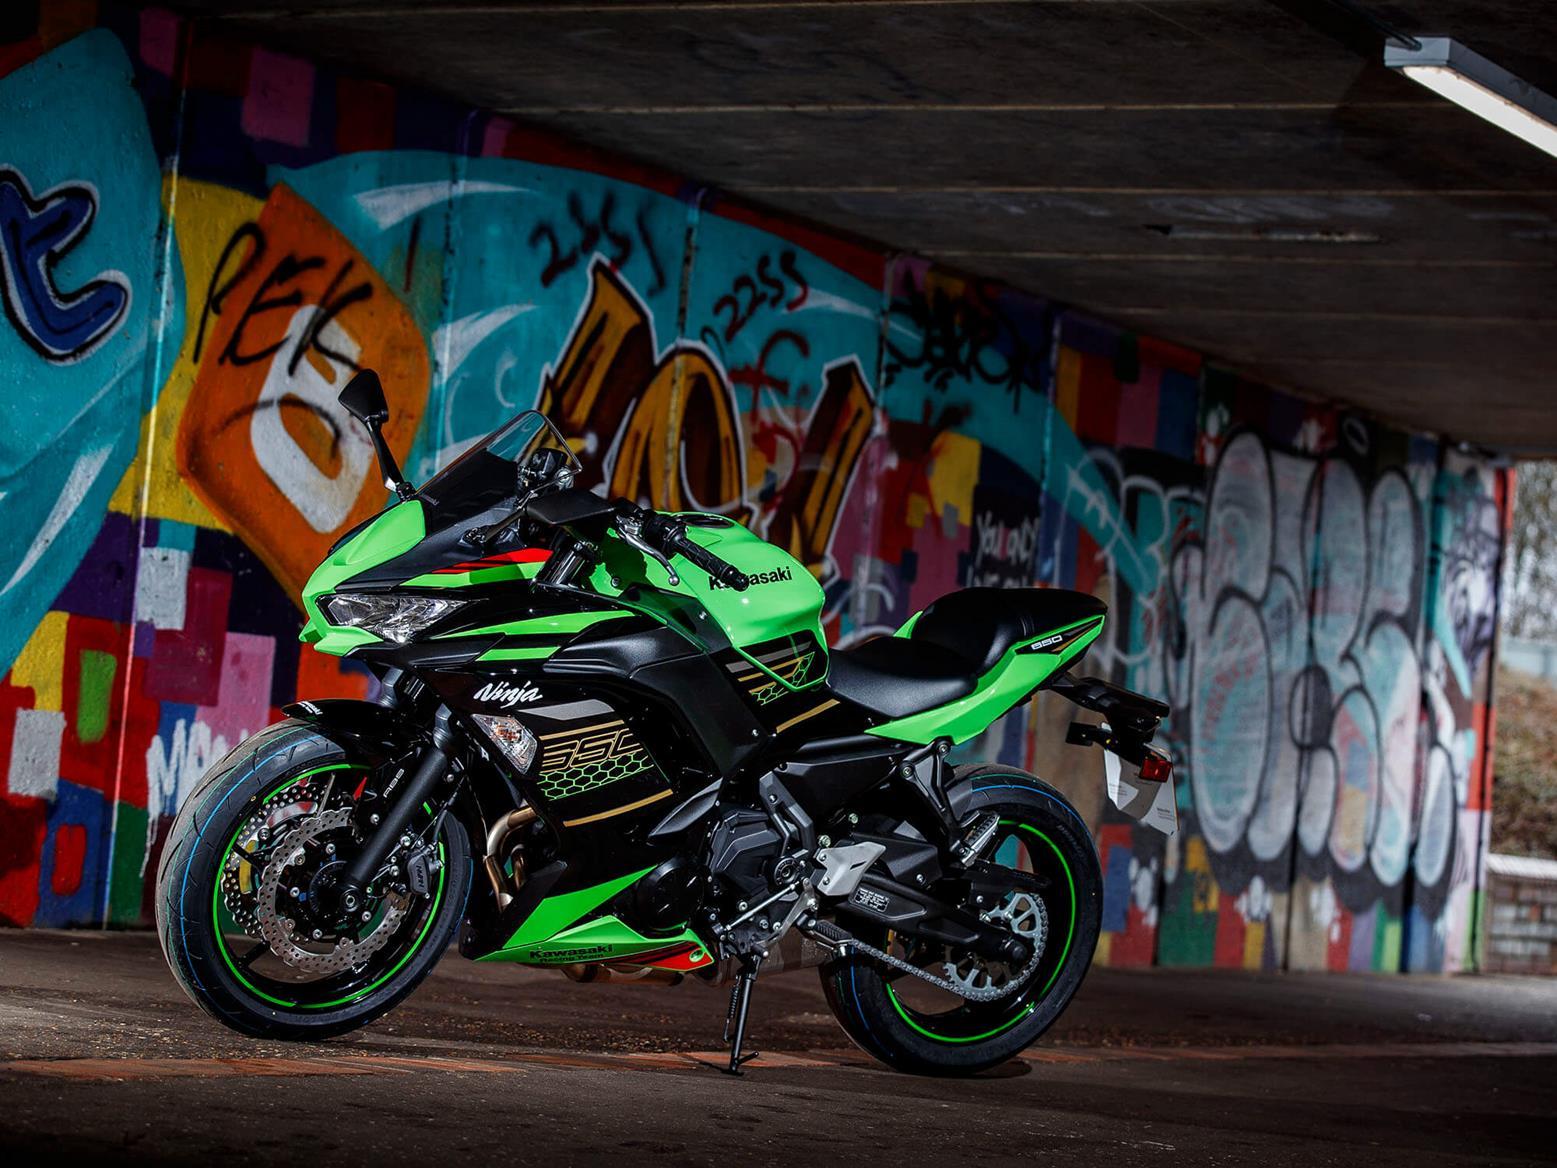 Kawasaki Ninja 650 in a tunnel